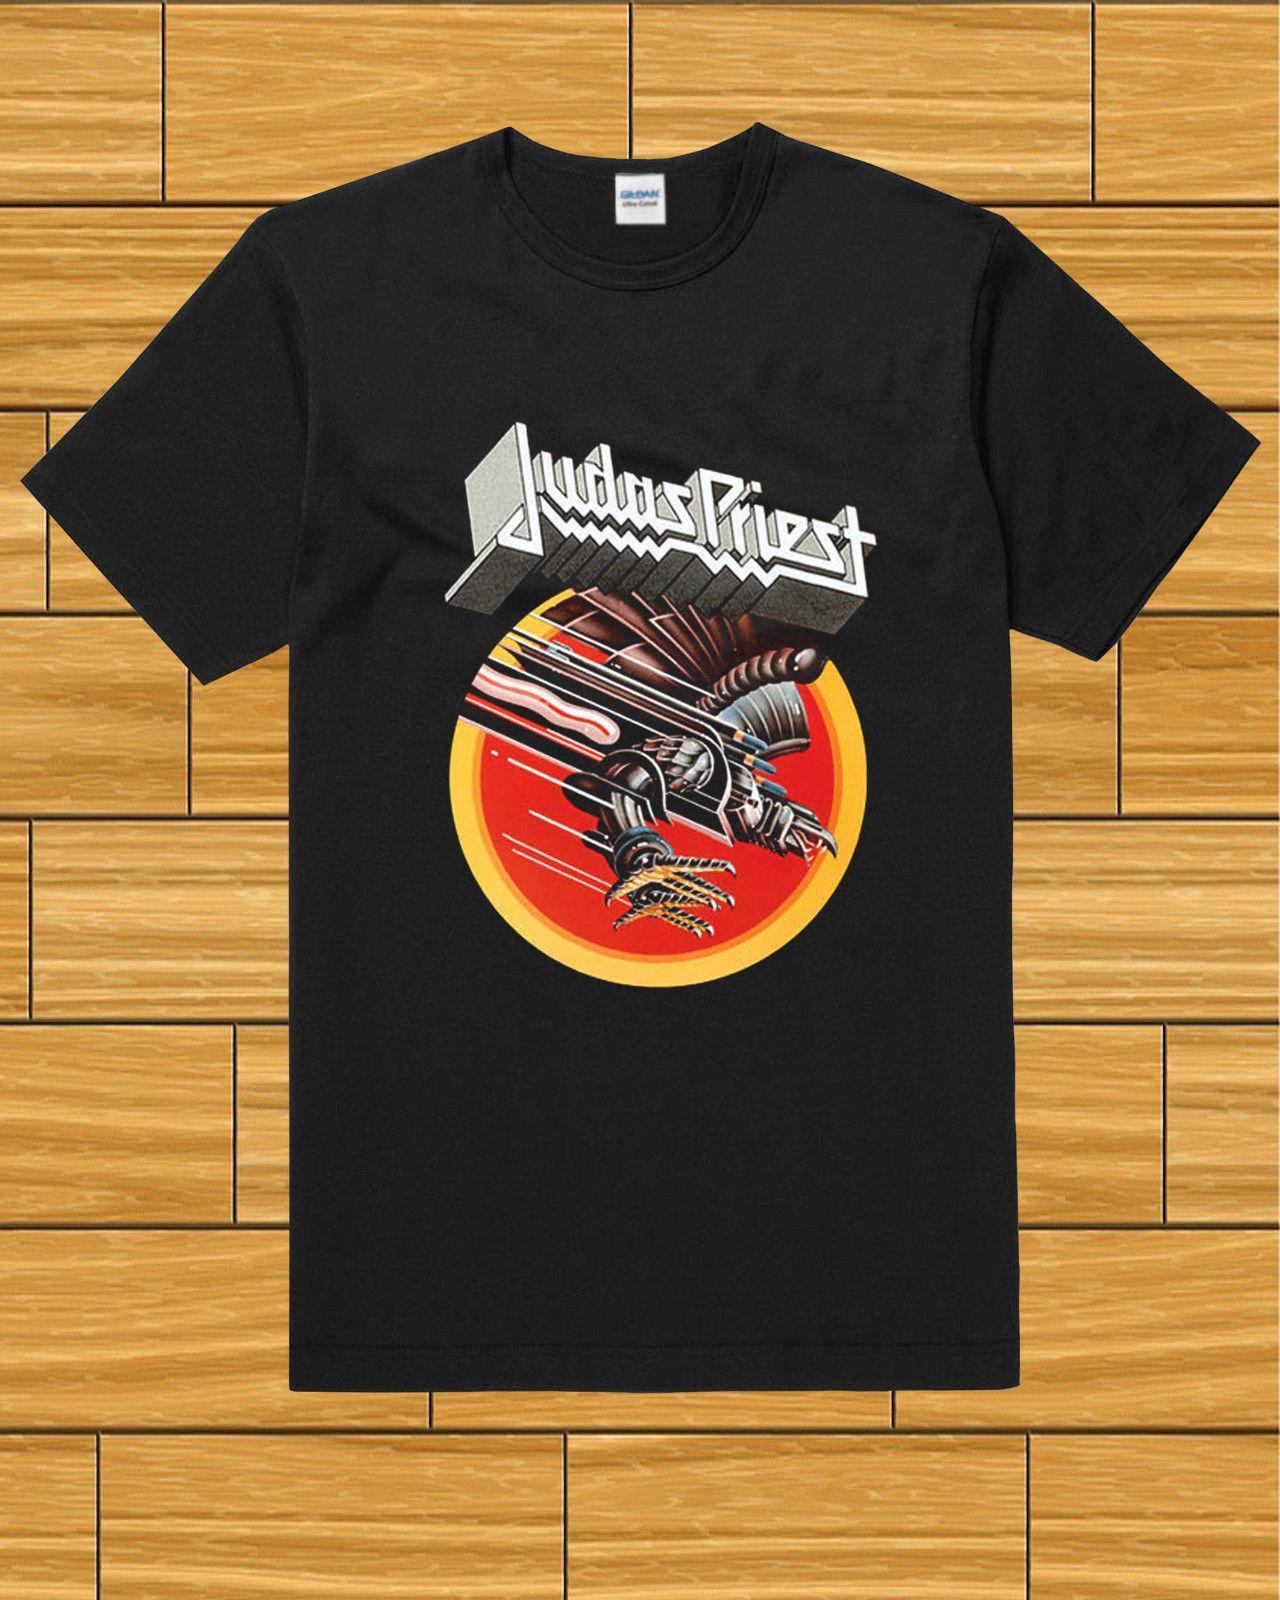 Großhandel Judas Priest Screaming For Vengeance Black T Shirt Billig